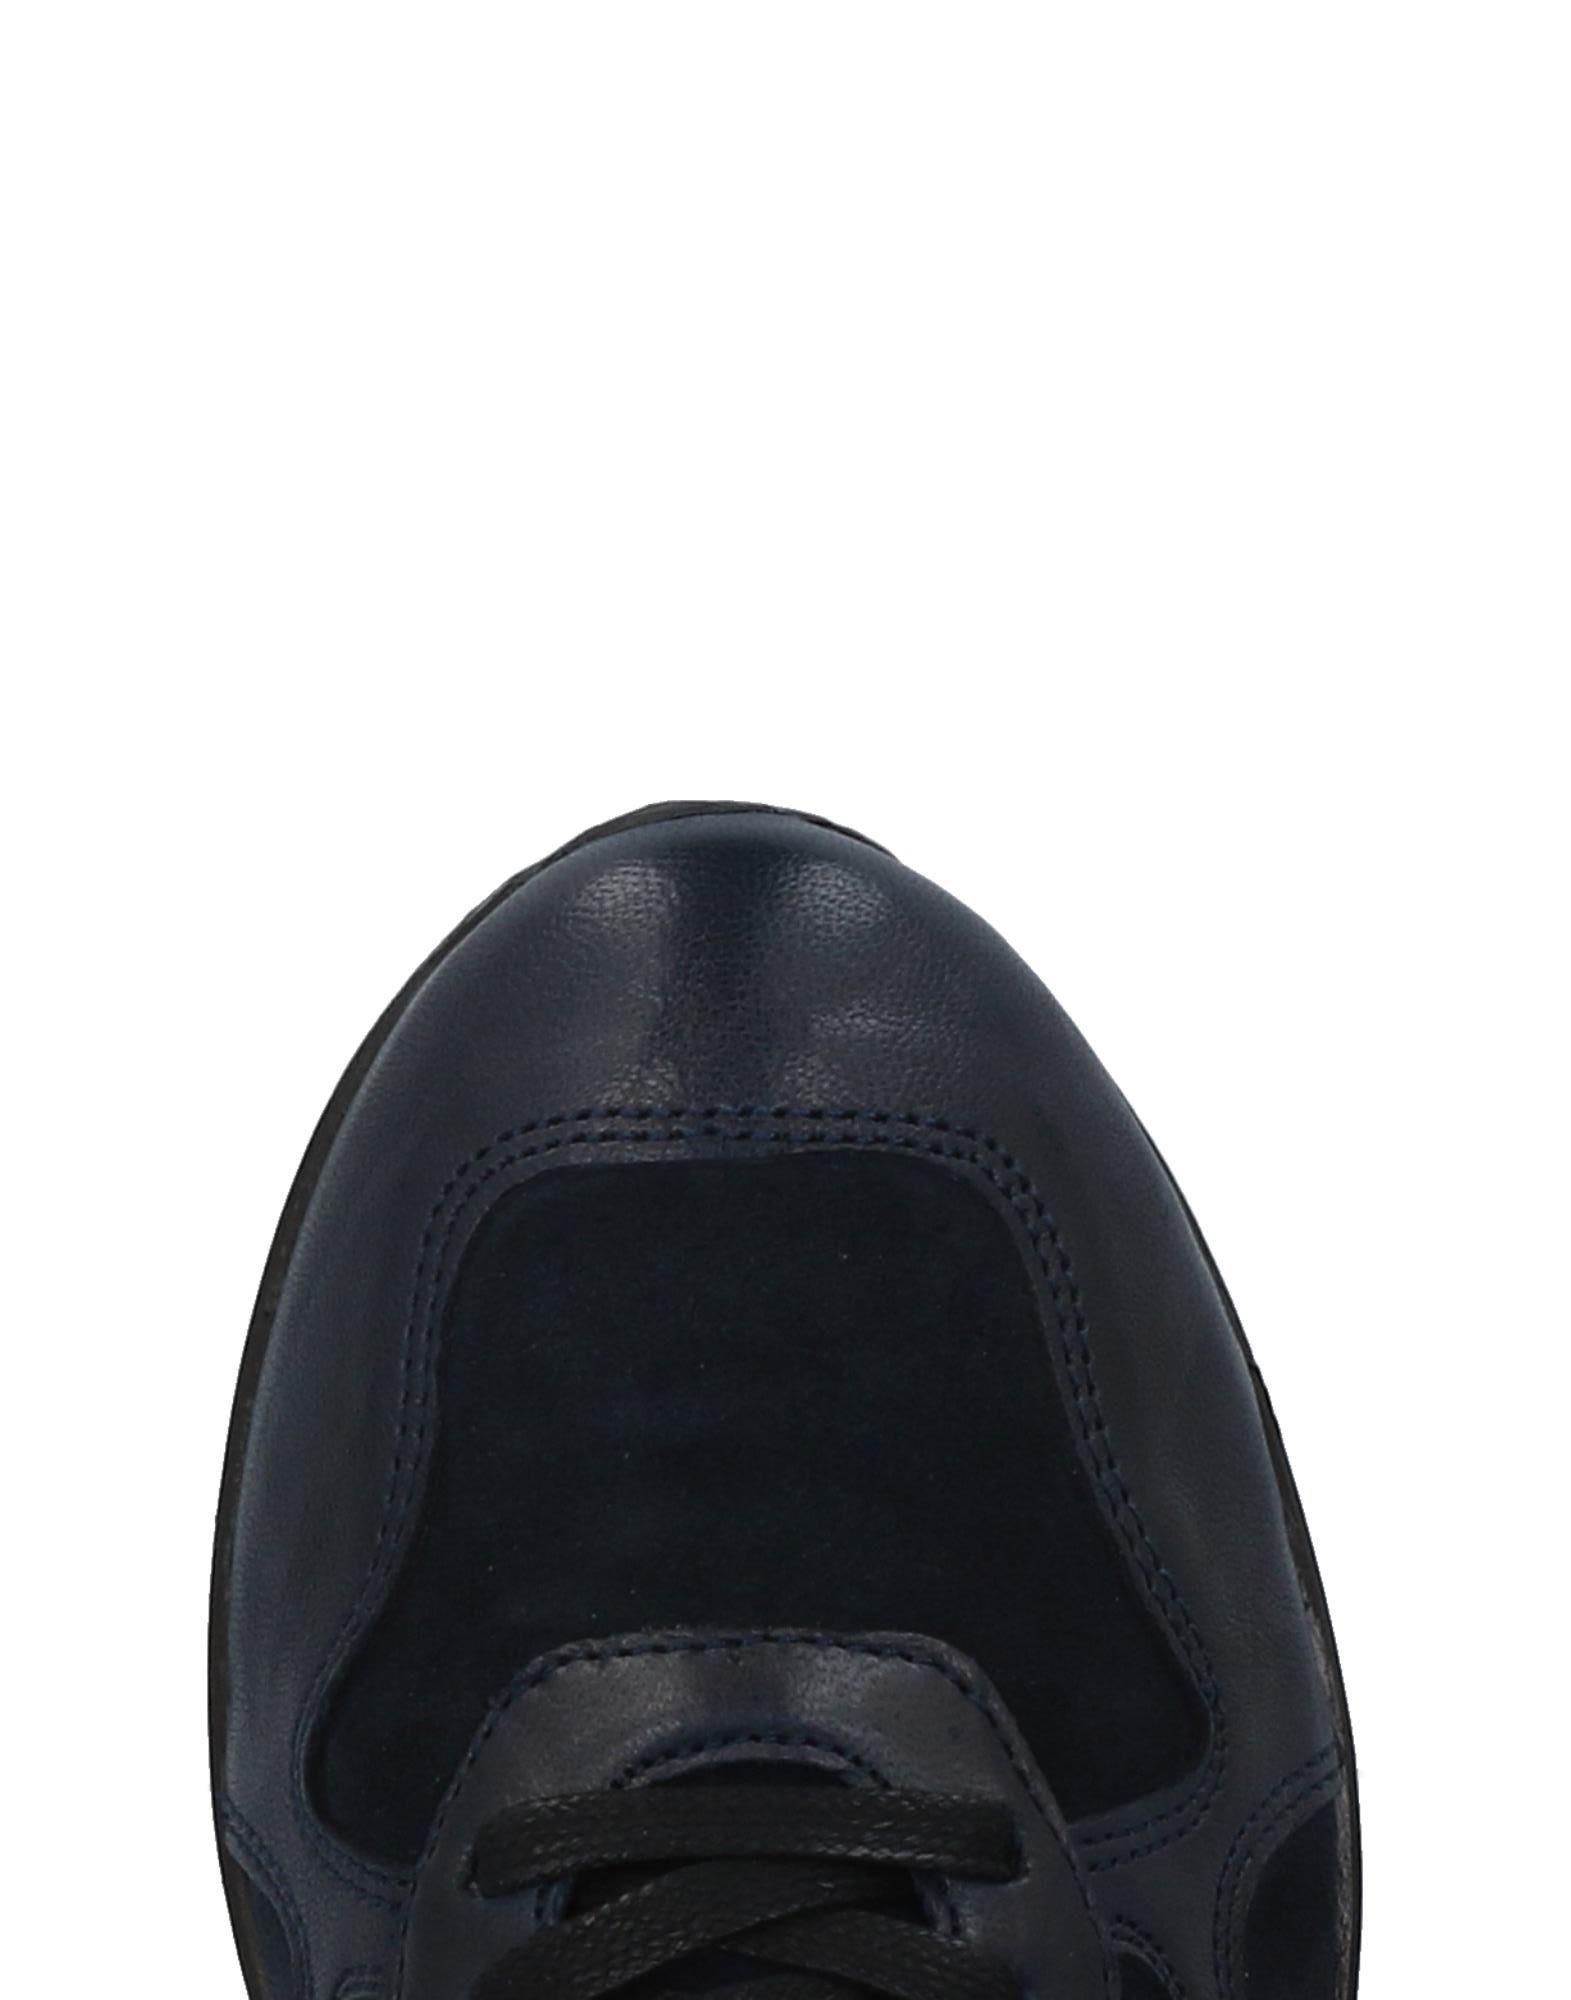 Khrio' Sneakers online - Women Khrio' Sneakers online Sneakers on  Canada - 11491898UR 128940